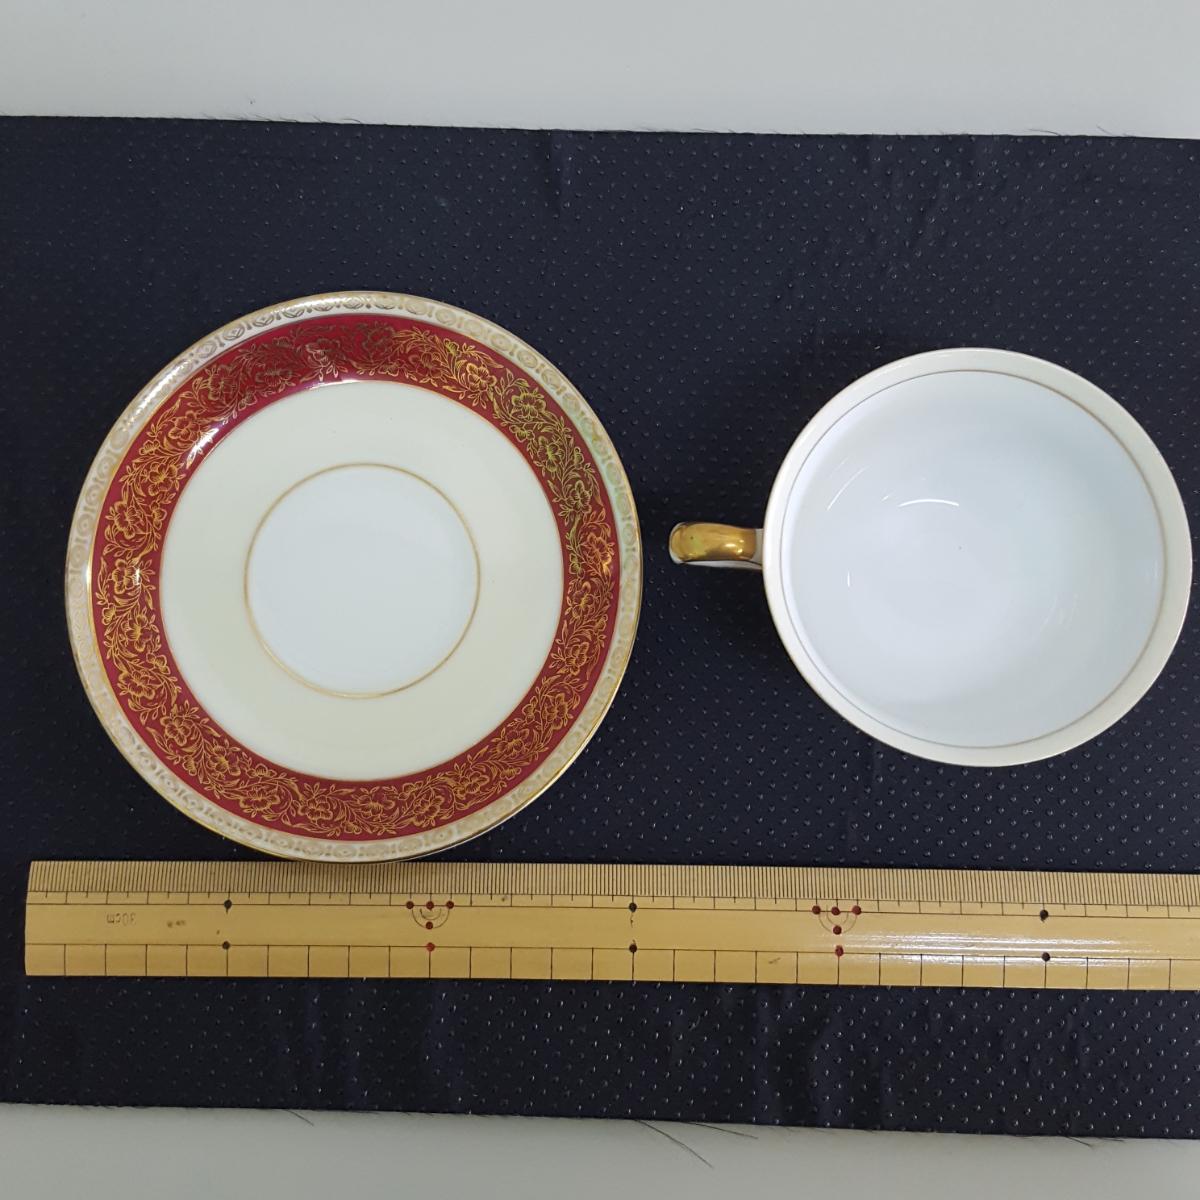 山口陶器 JYOTO 陶器 CHINA カップ&ソーサー 昭和レトロ 金彩_画像3